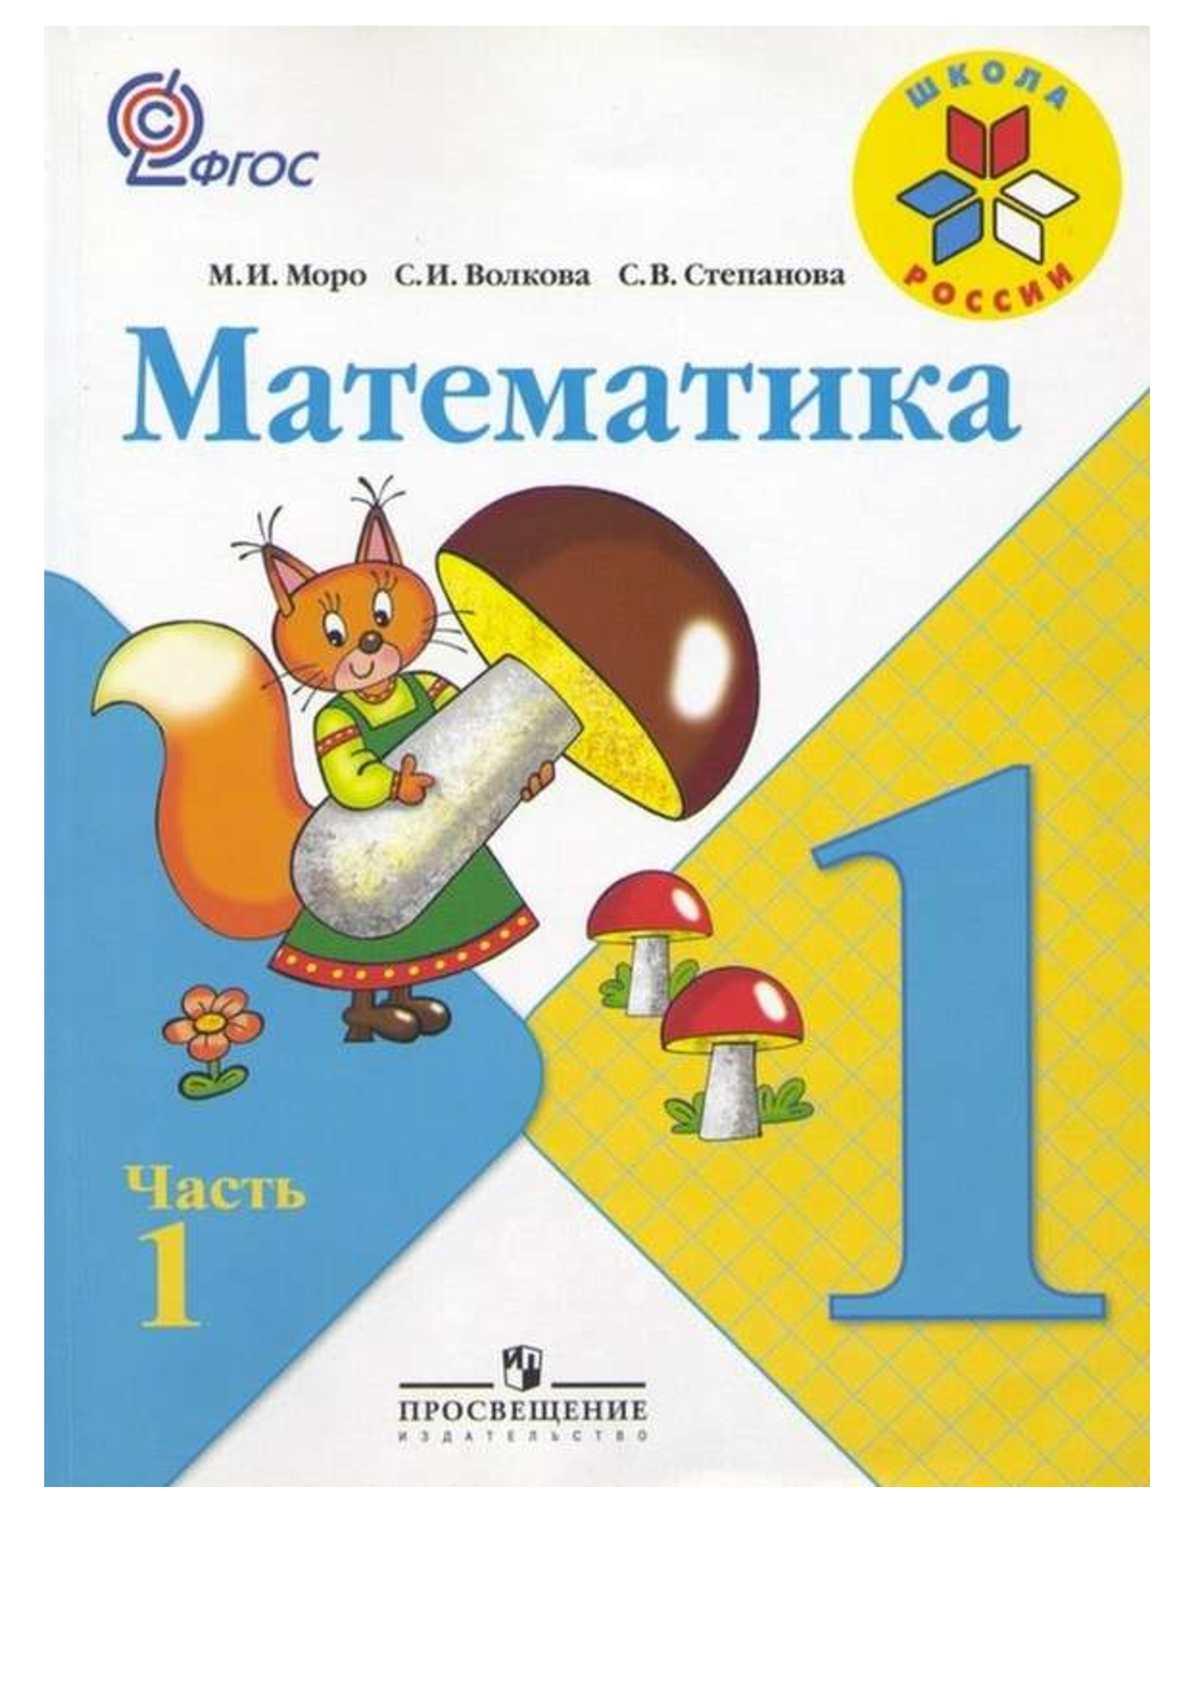 Скачать бесплатно моро математика 1 класс учебник